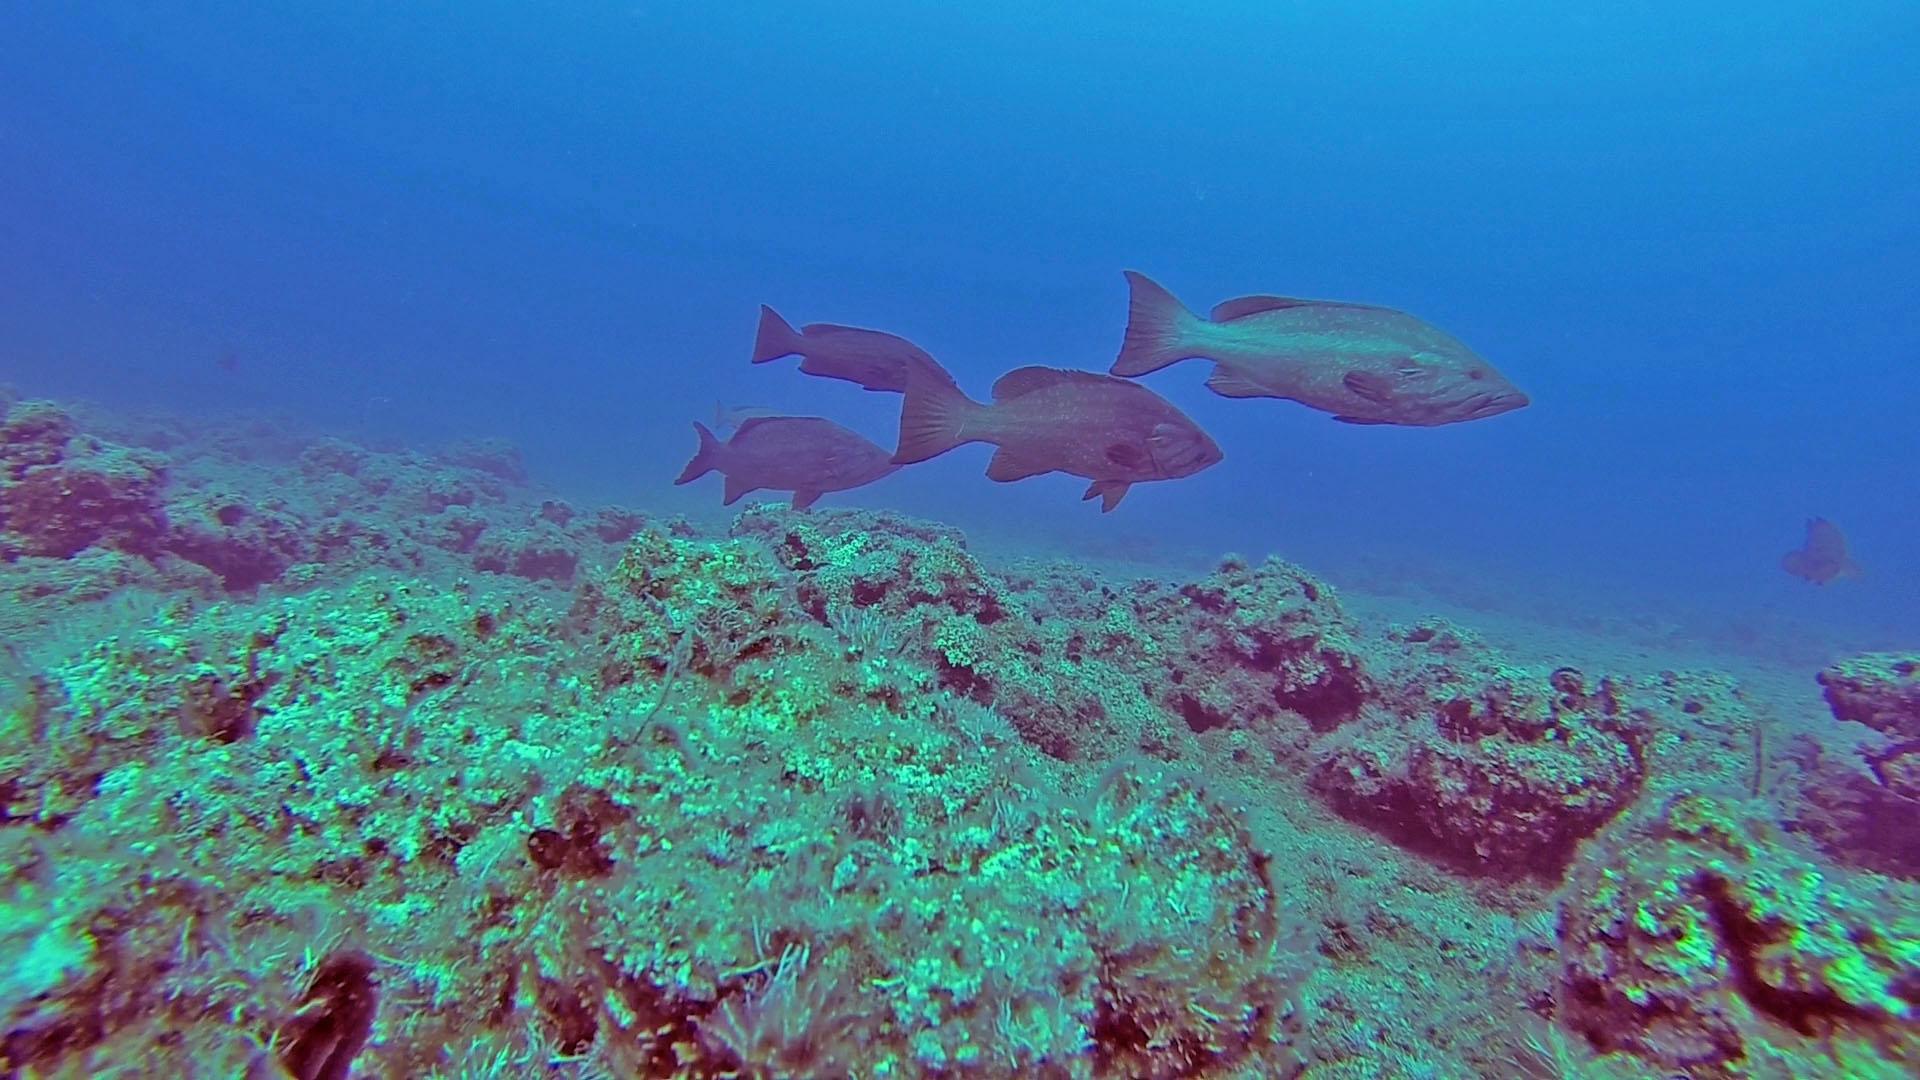 דקרניות אדומות (אירדים) שוחים במיבנה באתר התקבצות רבייה